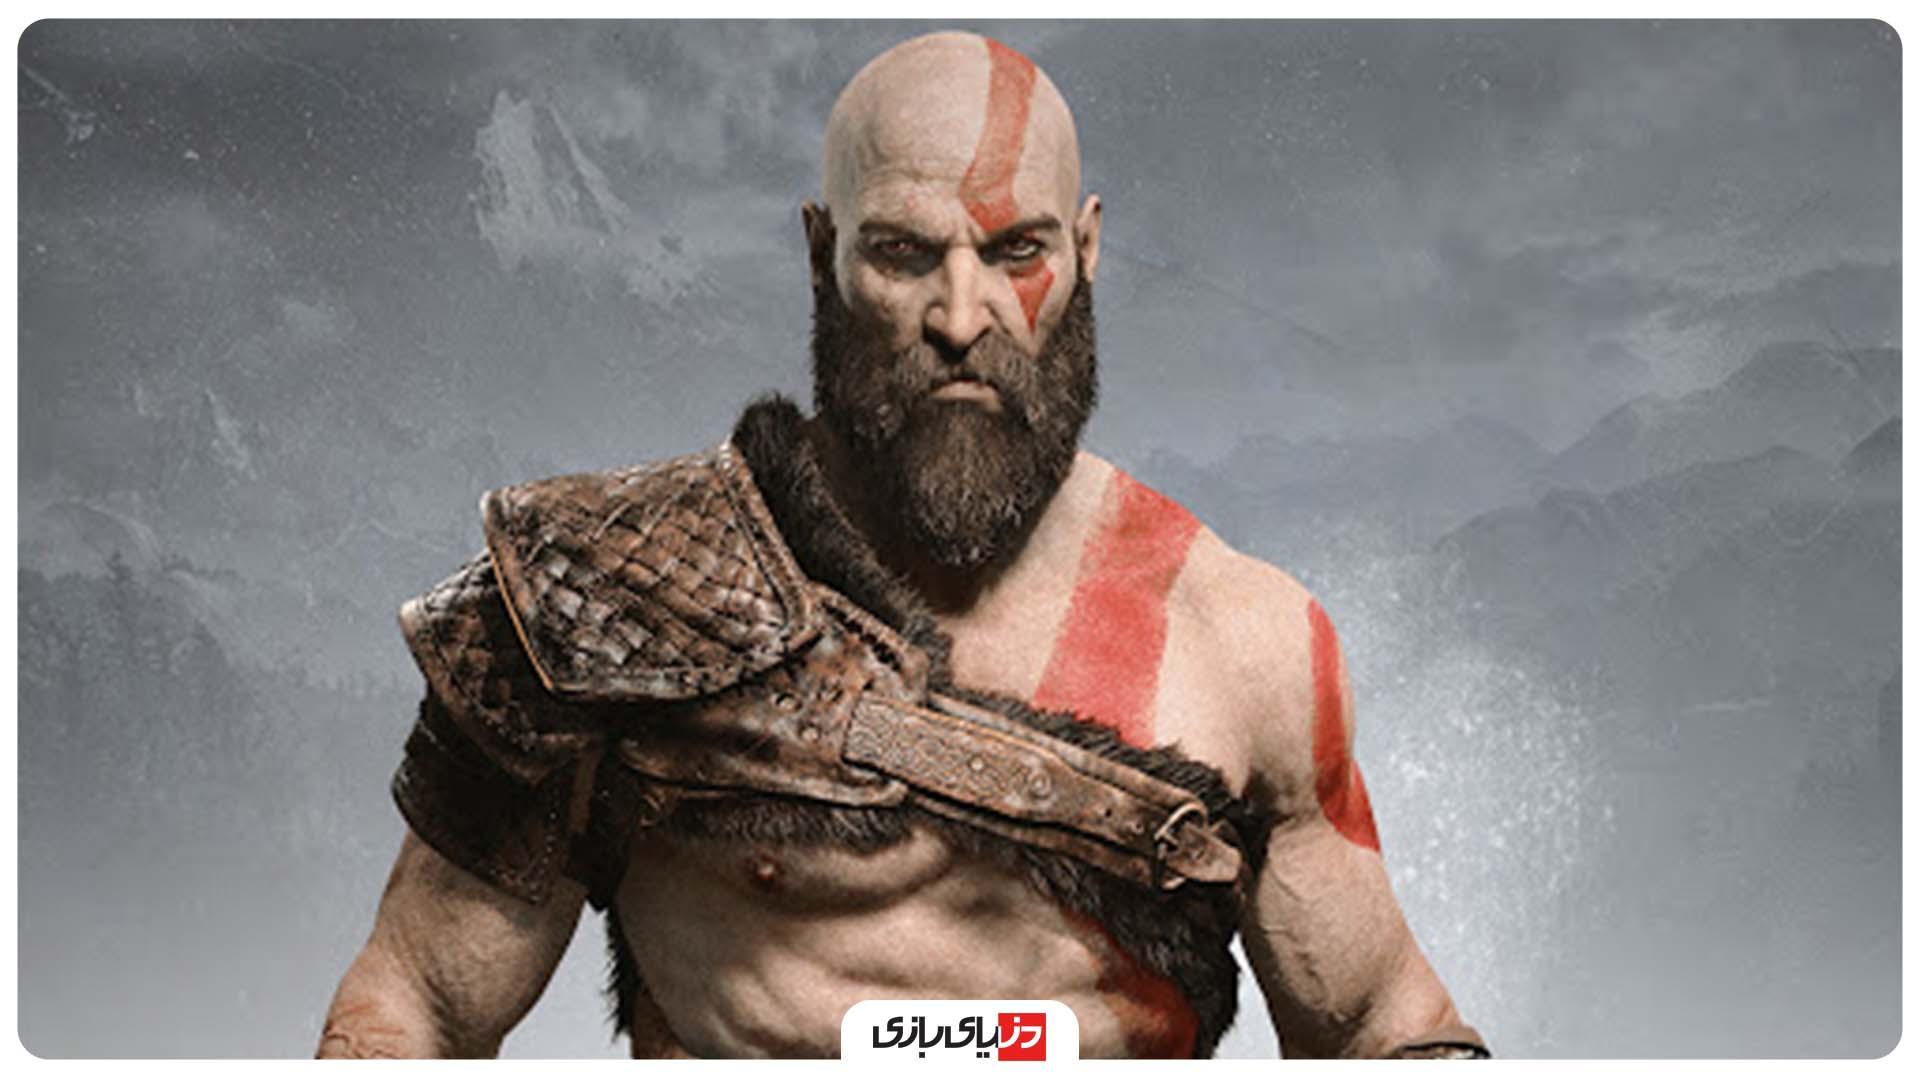 نکات بازی خدای جنگ - حرکات چهره کریتوس